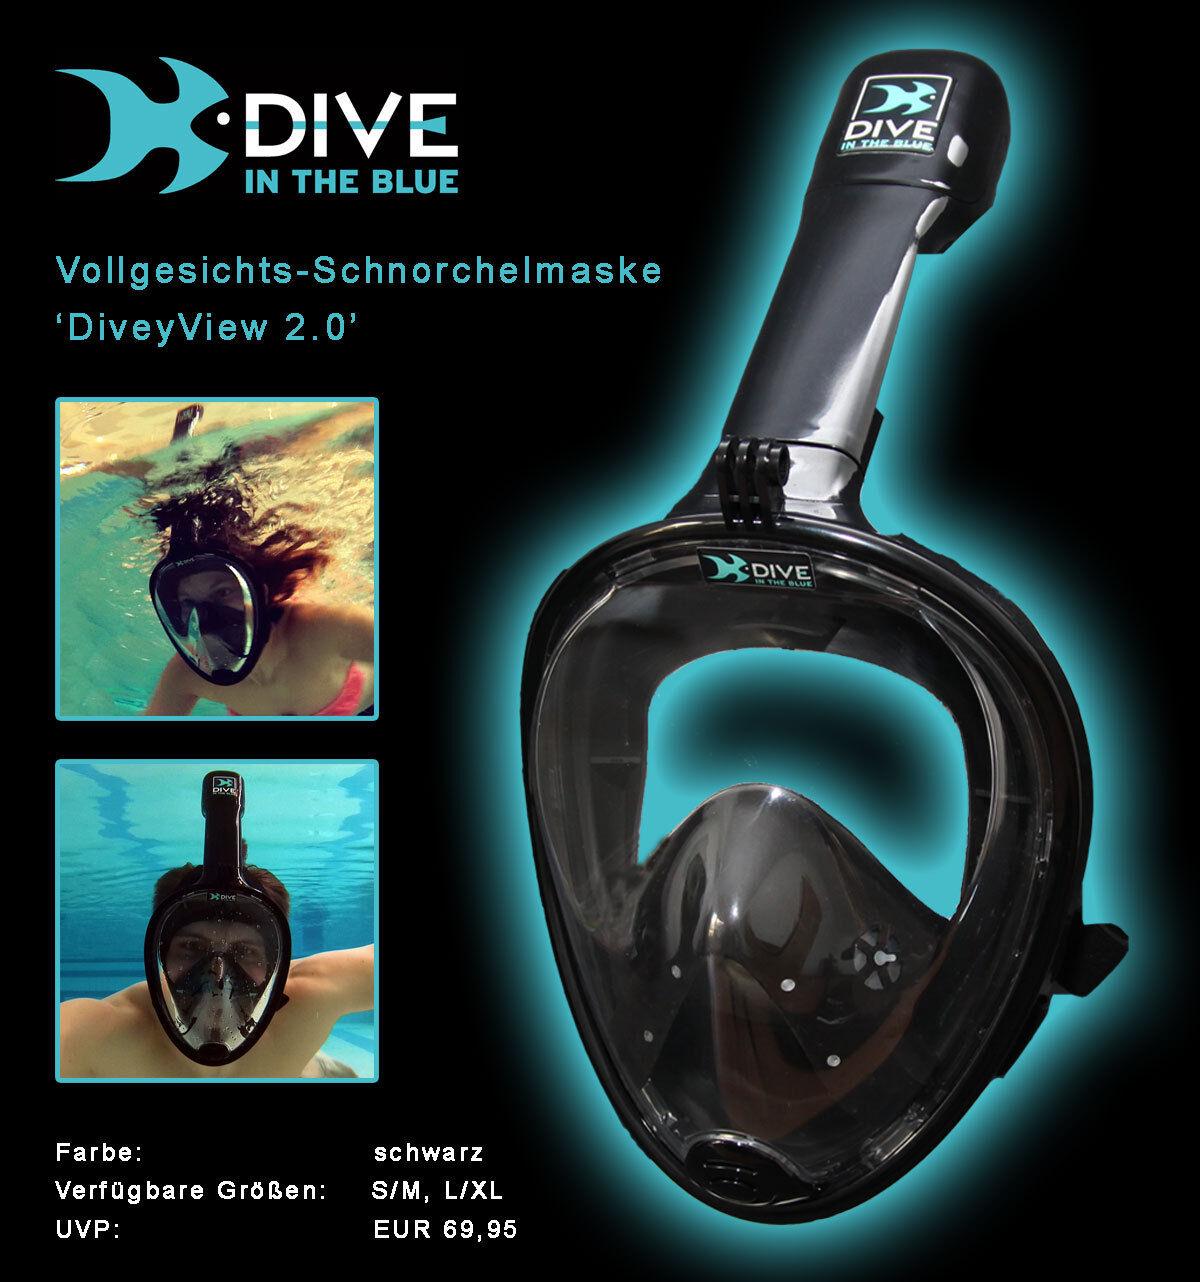 Vollgesichts-Schnorchelmaske DiveyView 2.0 – Schnorchel-Set, Vollmaske für GoPro